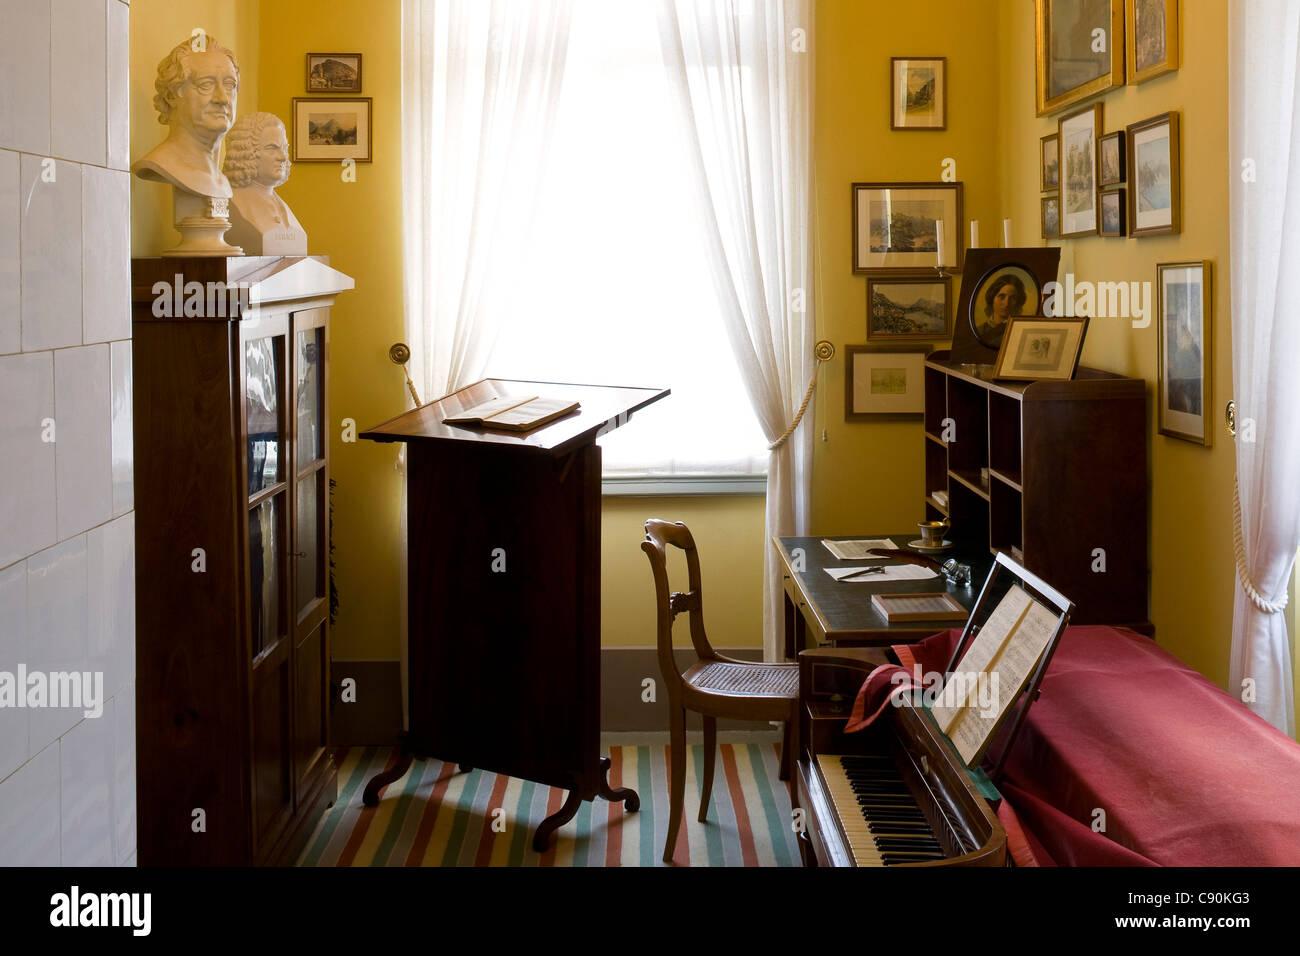 Study at Mendelssohn House in Goldschmidtstrasse, Leipzig, Saxony, Germany, Europe - Stock Image